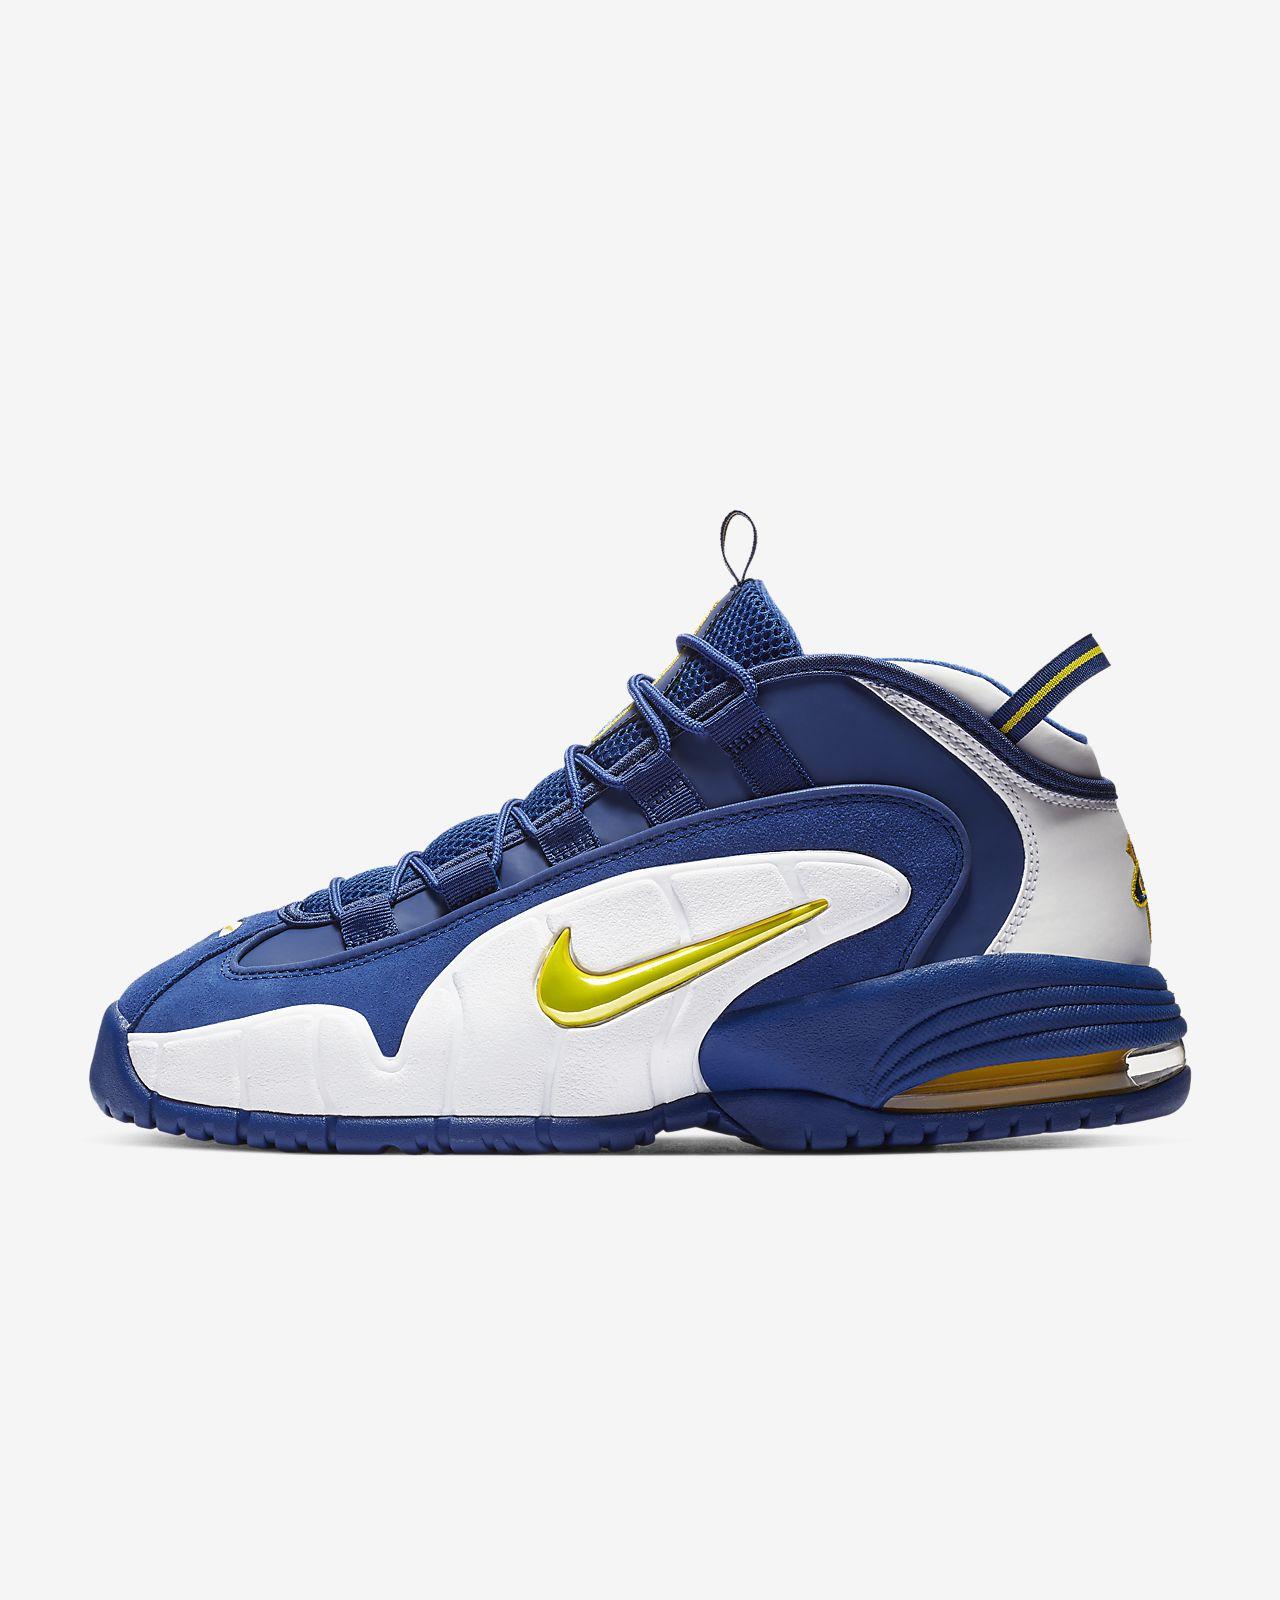 167472d926db ... Nike Air Max Penny Men s Shoe